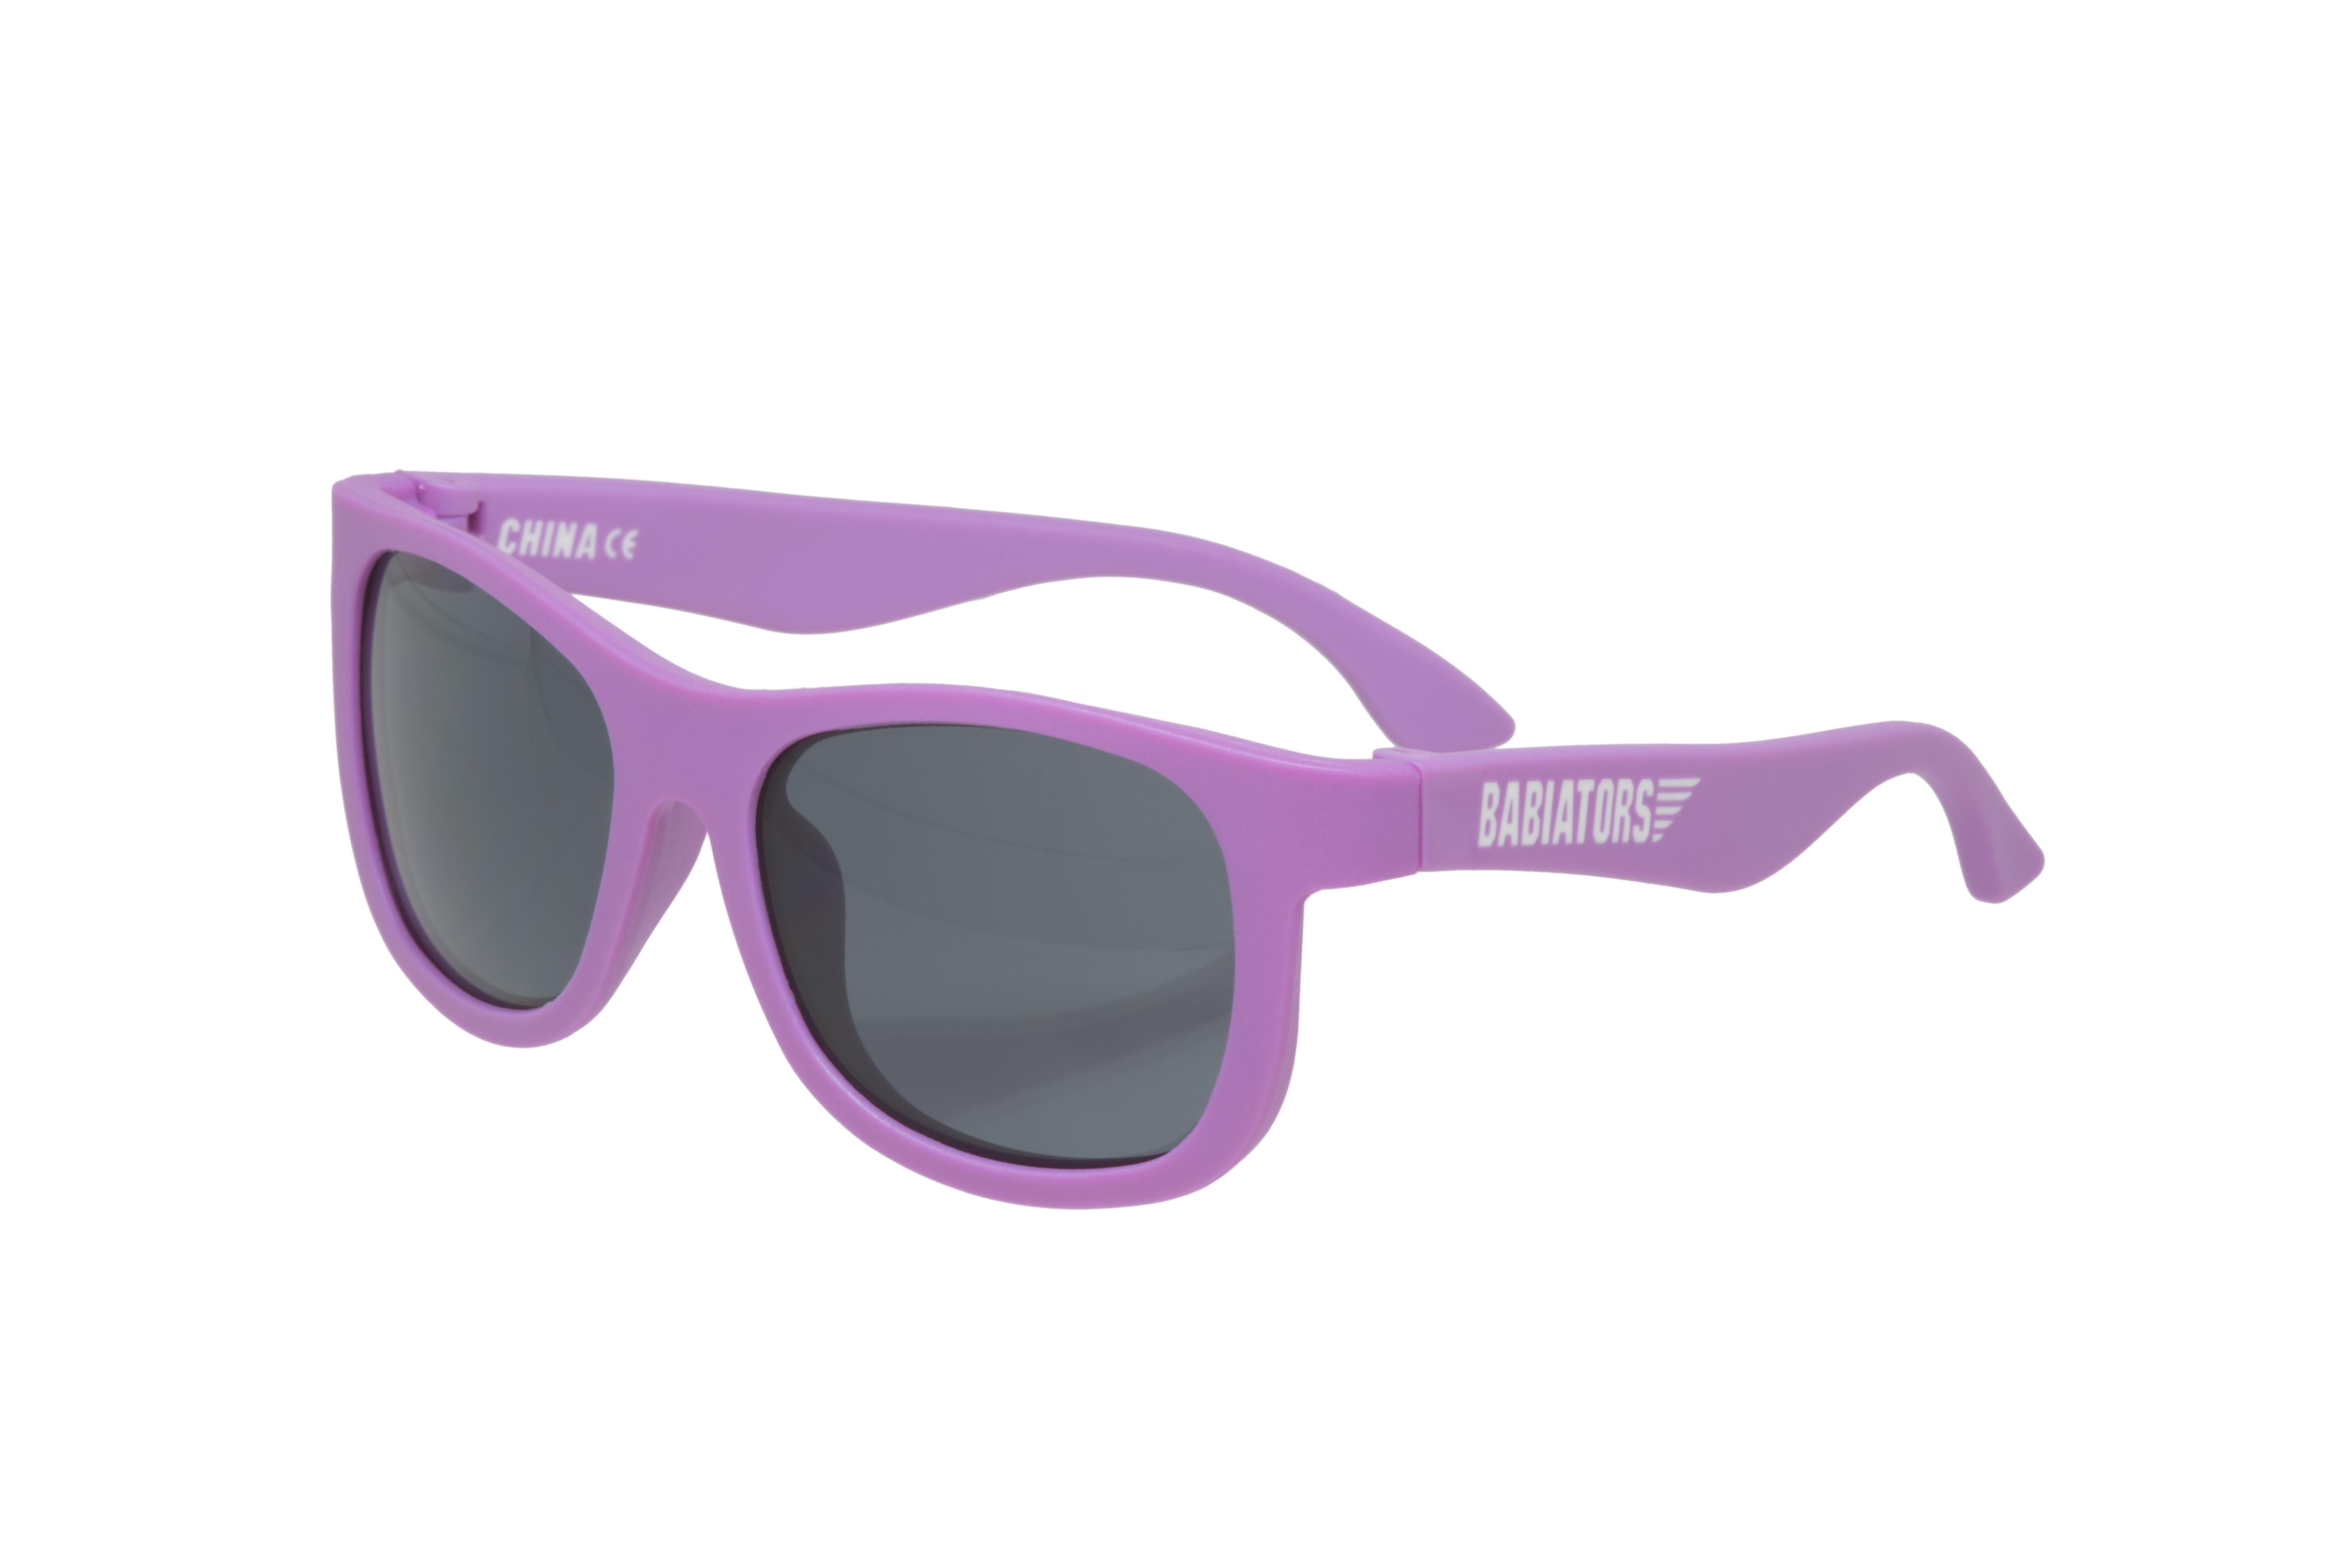 Очки солнцезащитные Babiators, LLC NAV-005NAV-005Возраст 0-2 годаПолучившие множество наград солнцезащитные очки Babiators (Бэйбиаторы) - самые стильные авиаторские очки для любознательных малышей, ищущих приключения. Оправа этих очков сделана из гибкого прорезиненного материала. Они обеспечивают 100% защиту от солнца, и именно их носят детишки многих знаменитостей во всём мире.Babiators это ещё и единственные в мире очки, на которые мы даём гарантию от потери: если малыш потеряет или сломает свои Babiators в течение 1 года после покупки, то мы произведём замену... Гарантируем!Бэбиаторы помогают маленьким пилотам быть стильными и веселиться в полной безопасности одновременно.Основные достоинства:Гарантия от потери или поломки в течение 1 года;Прочная, гибкая (не говоря уже о стиле!) прорезиненная оправа;100 % защита от UVA и UVB солнечных лучей;Ударопрочные линзы;Стильные: выбор многих голливудских звёзд.Junior Babiators (от 0 до 2 лет) подходят большинству детей в возрасте от 6 мес. - до 2 лет. Classic Babiators подойдут большинству детей от 3 до 5 лет. Возможны расхождения в зависимости от размера головы ребёнка. Если вы думаете, что ваш малыш попадает где-то между этих размеров, то мы рекомендуем заказывать меньший размер.Размер 0-2: Длина оправы: 10 см. Высота оправы: 3,8 см. Длина дужек: 10 см.Размер 3-5: Длина оправы: 11 см. Высота оправы: 4 cм. Длина дужек: 11 см.